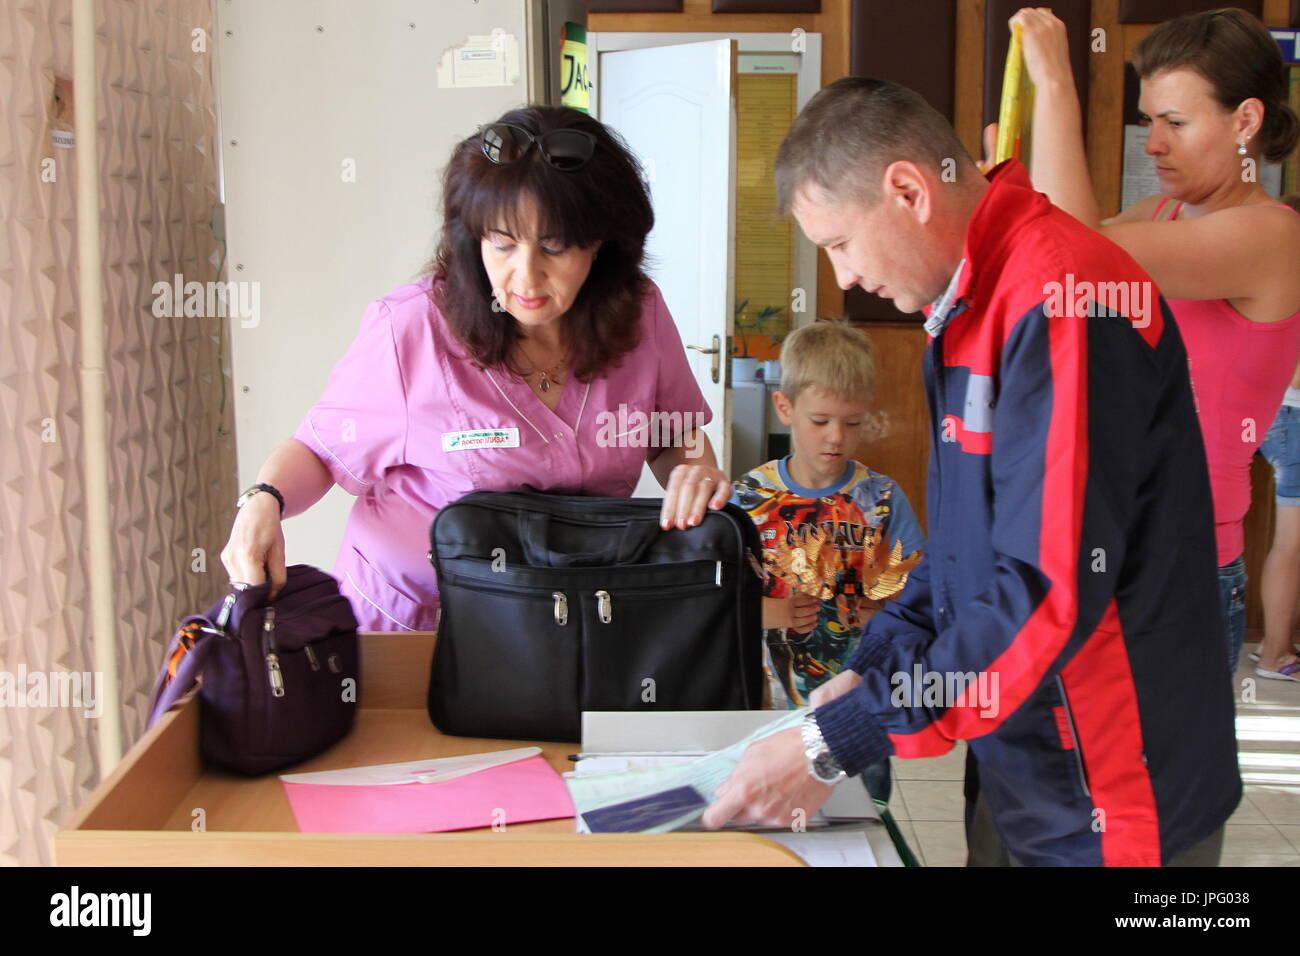 Donetsk, Ukraine. 1er août 2017. Tatyana Svetlichnaya, représentant de l'office de tourisme de Donetsk Spravedlivaya Pomoshch Doktora Lizy (L), à l'Hôpital clinique des enfants républicaine à Donetsk, une ville de l'Ukraine est contrôlé par la République populaire de Donetsk; sept enfants en difficulté sont envoyés pour traitement à la Russie par Spravedlivaya Pomoshch Doktora Lizy, une organisation caritative internationale. Credit: Valentin/Sprinchak TASS/Alamy Live News Banque D'Images